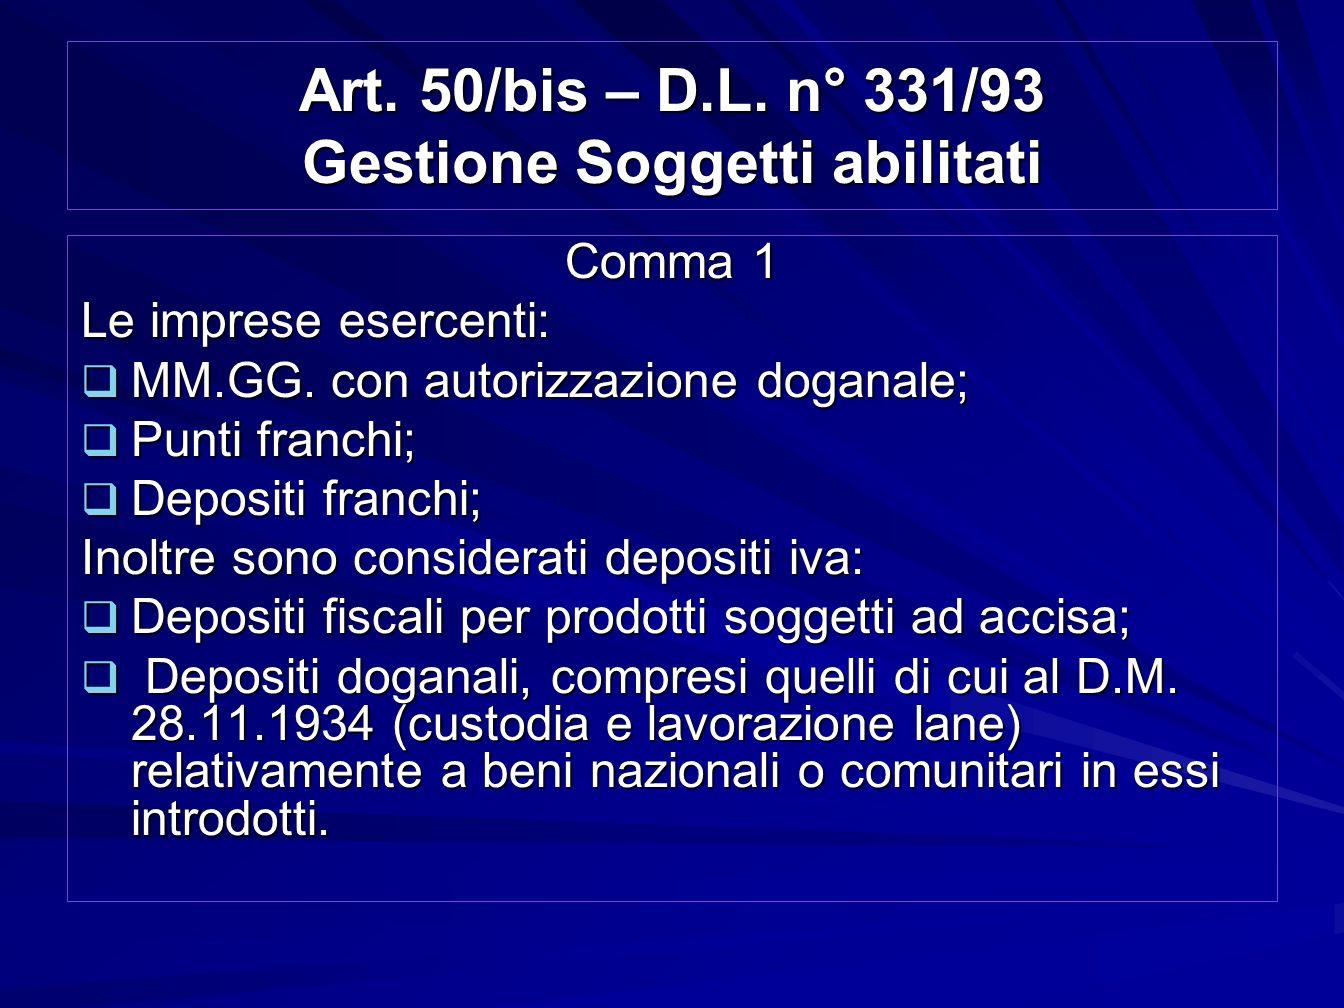 Art. 50/bis – D.L. n° 331/93 Gestione Soggetti abilitati Comma 1 Le imprese esercenti: MM.GG. con autorizzazione doganale; MM.GG. con autorizzazione d